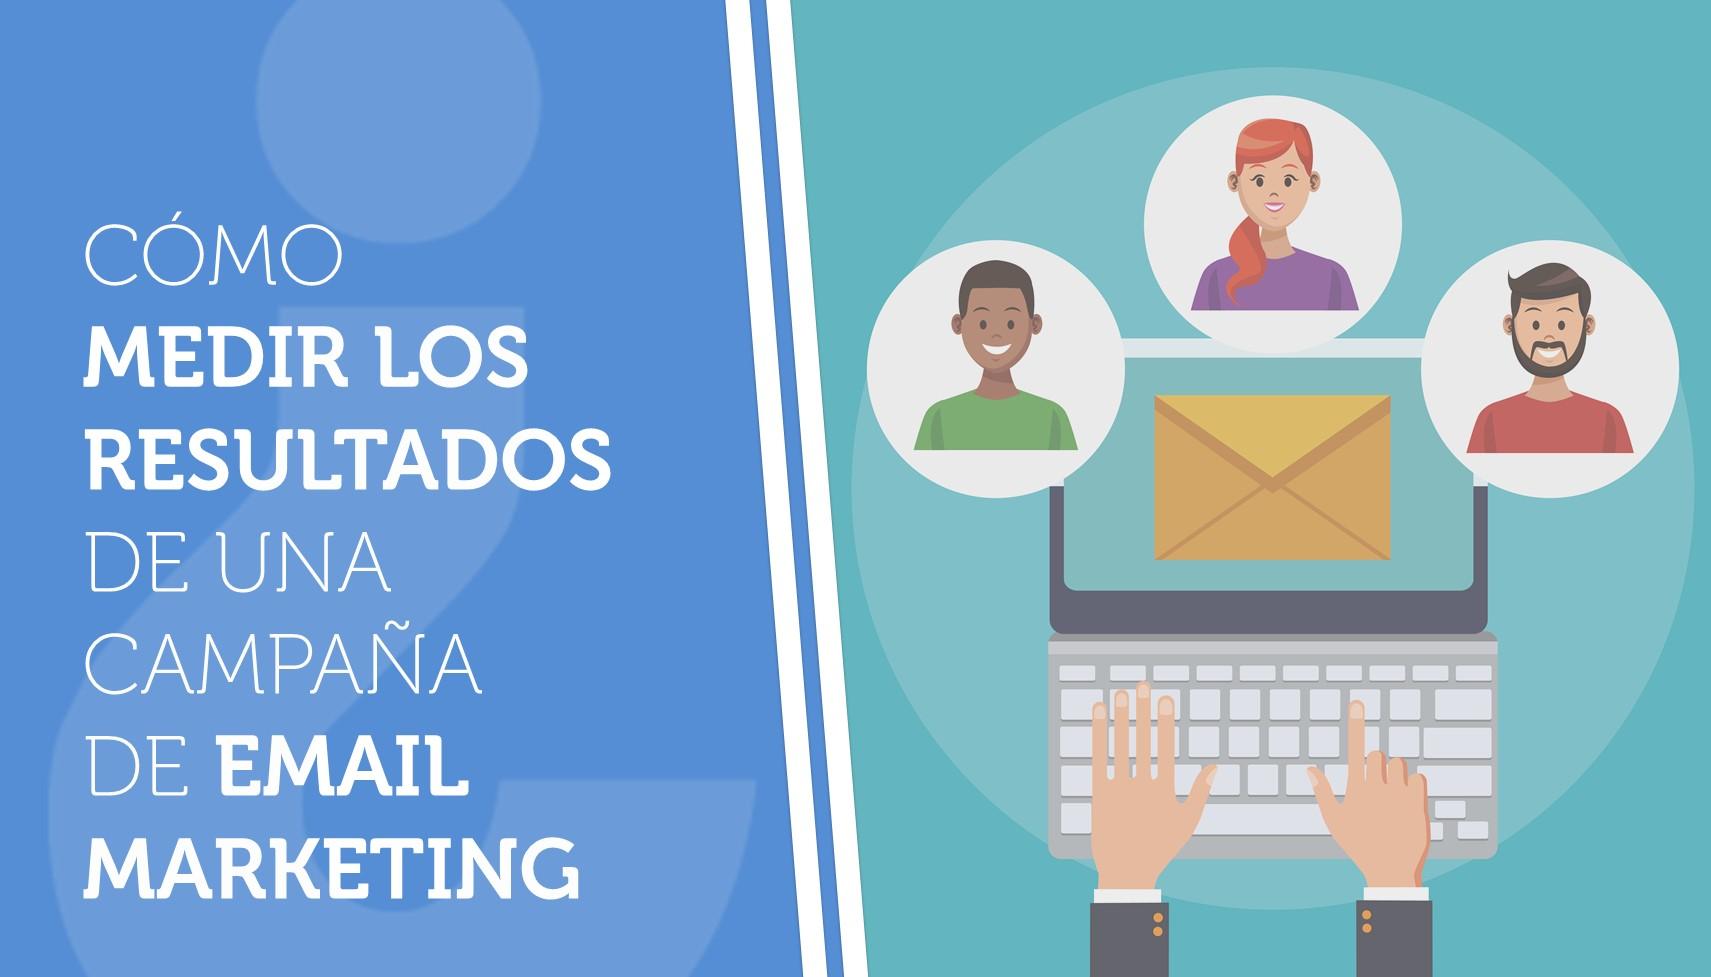 Cómo medir los resultados de una campaña de email marketing